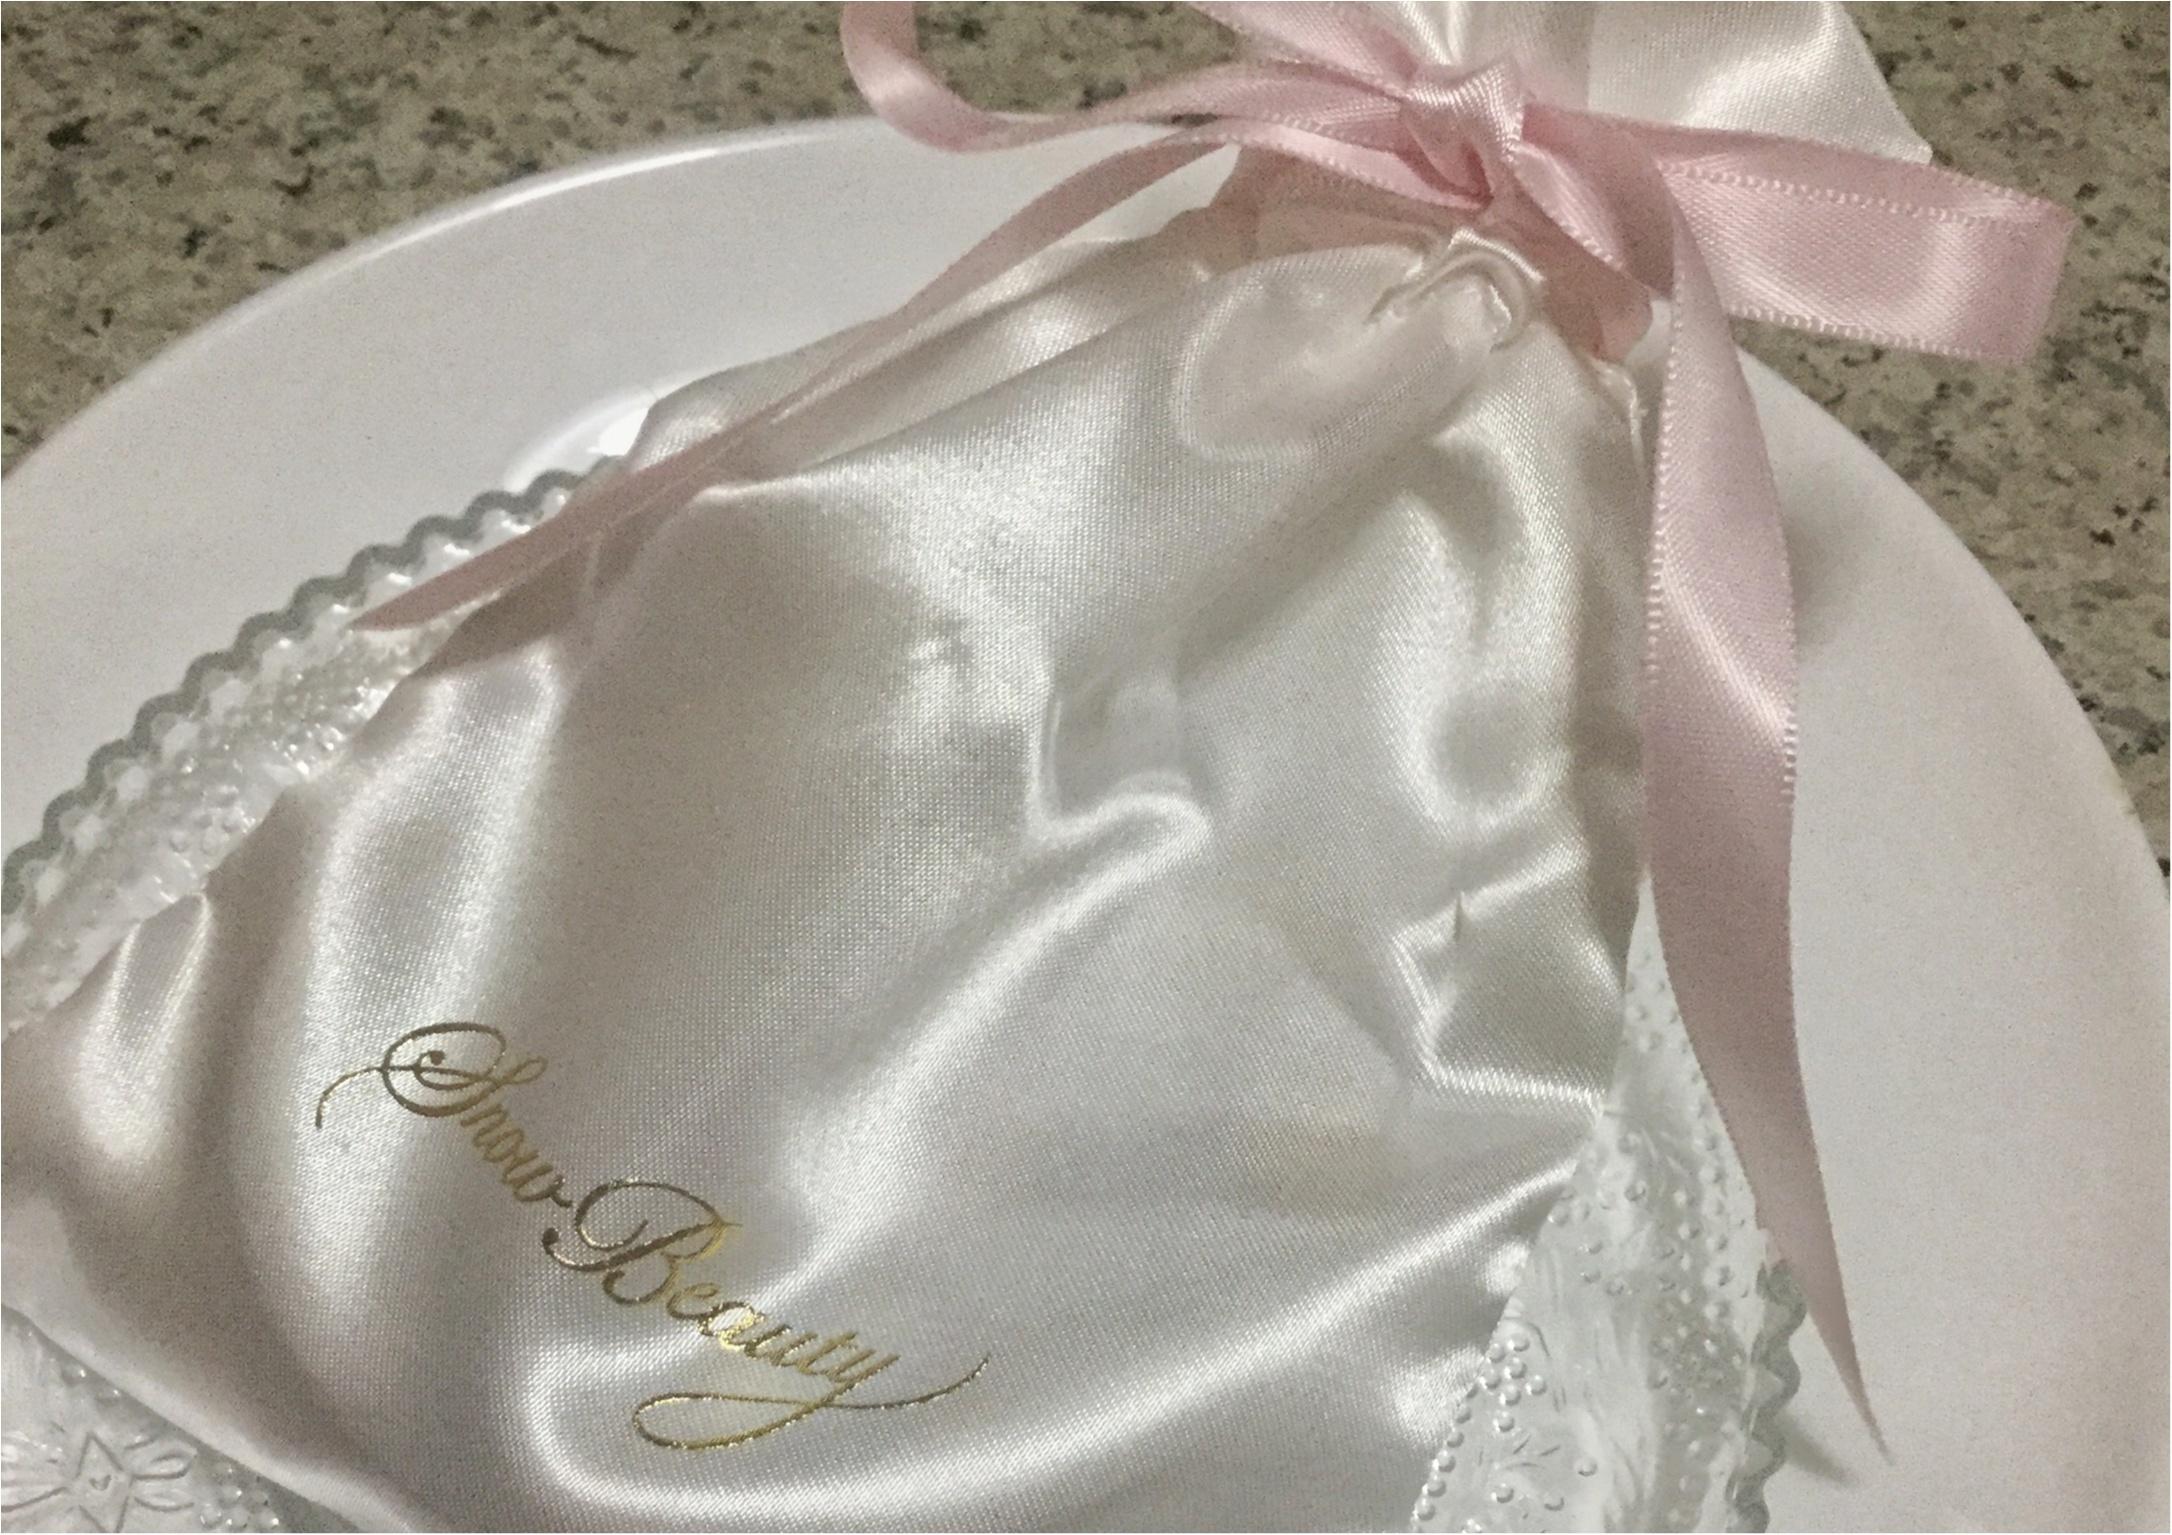 【#恋コスメ】待ちにまった秋の大本命美白コスメ!数量限定発売のマキアージュ《スノービューティーホワイトニングフェースパウダー2017》が可愛すぎる❤️_4